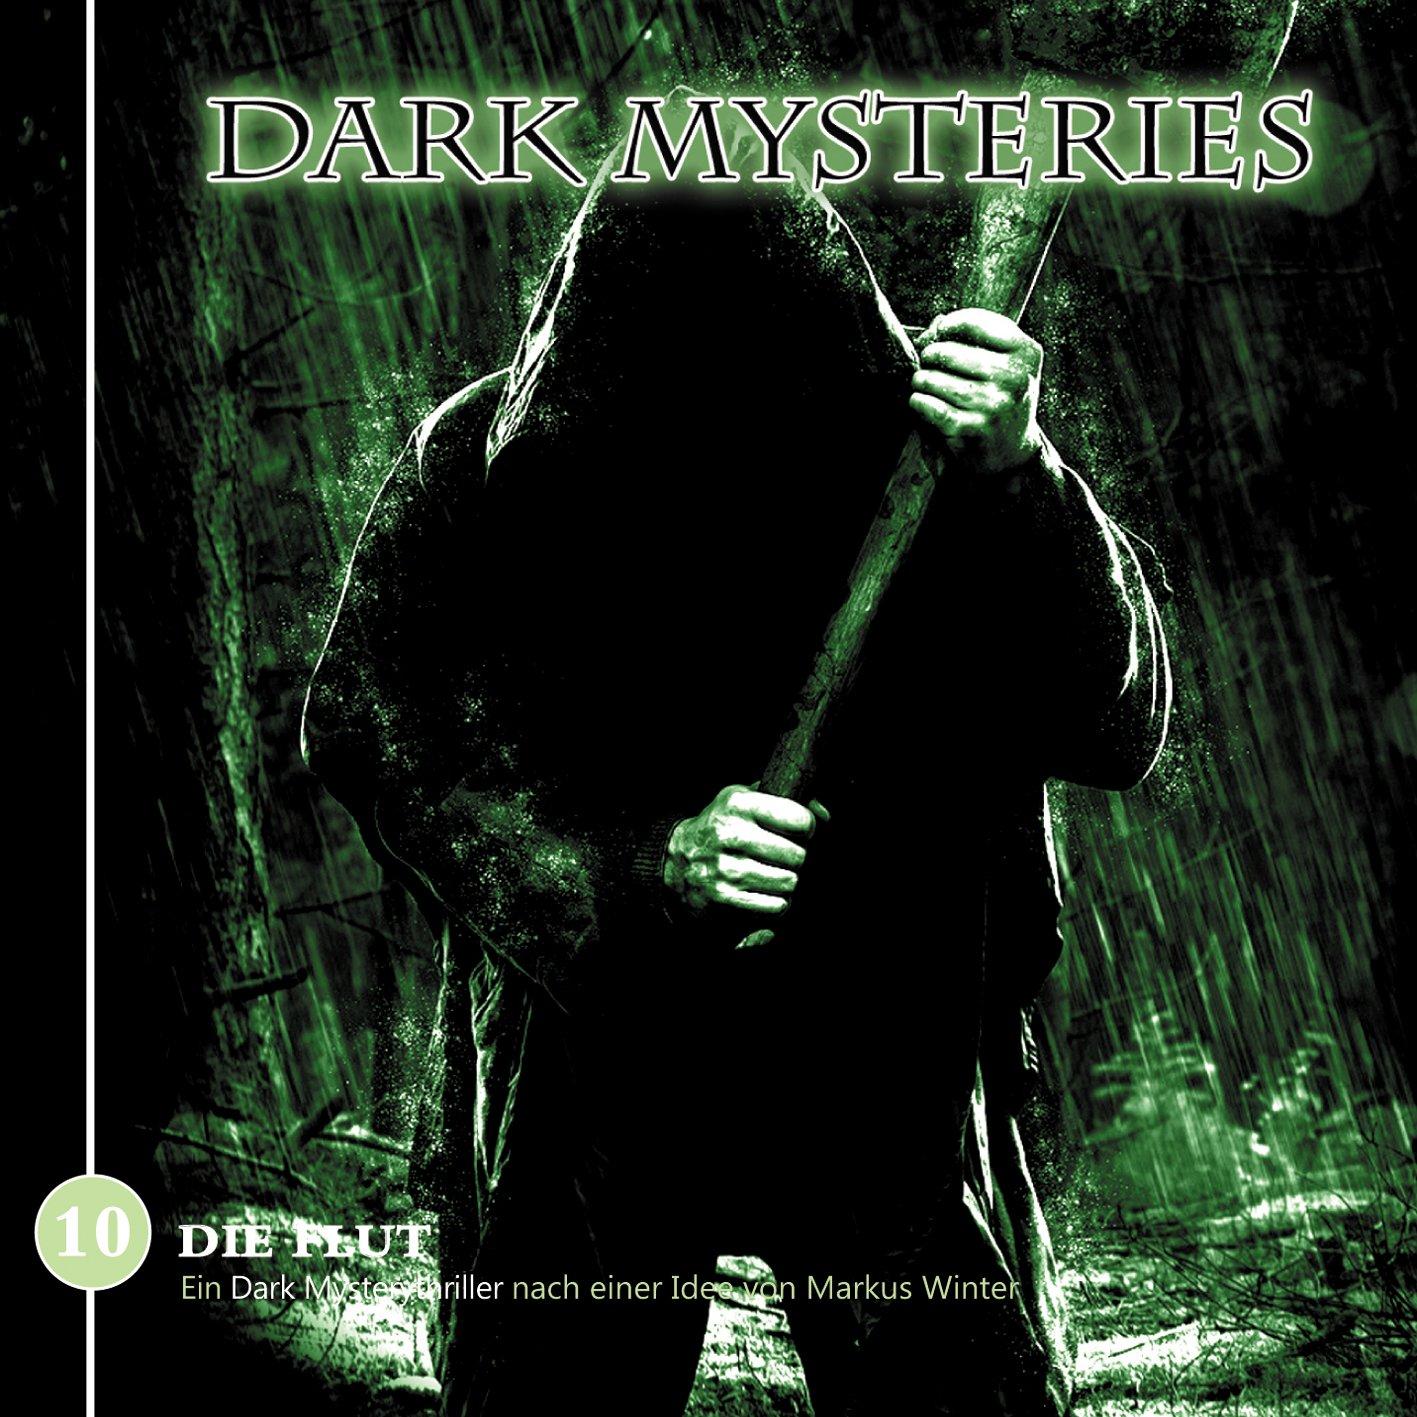 Dark Mysteries (10) Die Flut - Winterzeit 2016